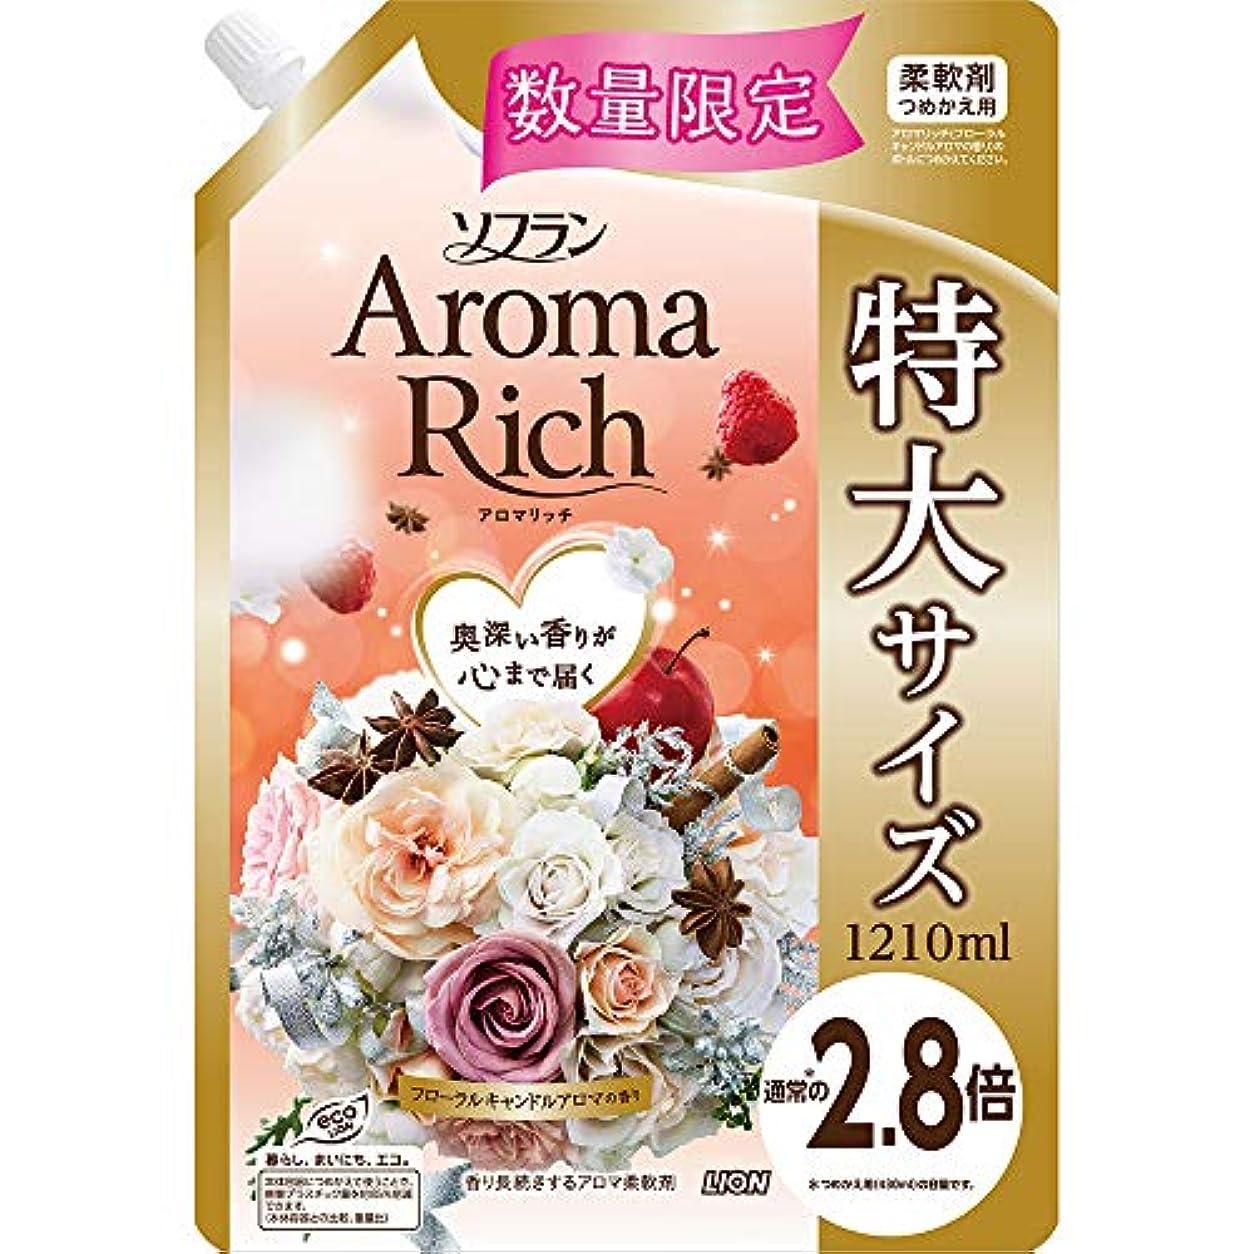 概して旅マット【大容量】ソフラン アロマリッチ 柔軟剤 限定フローラルキャンドルアロマの香り 詰め替え 1210ml